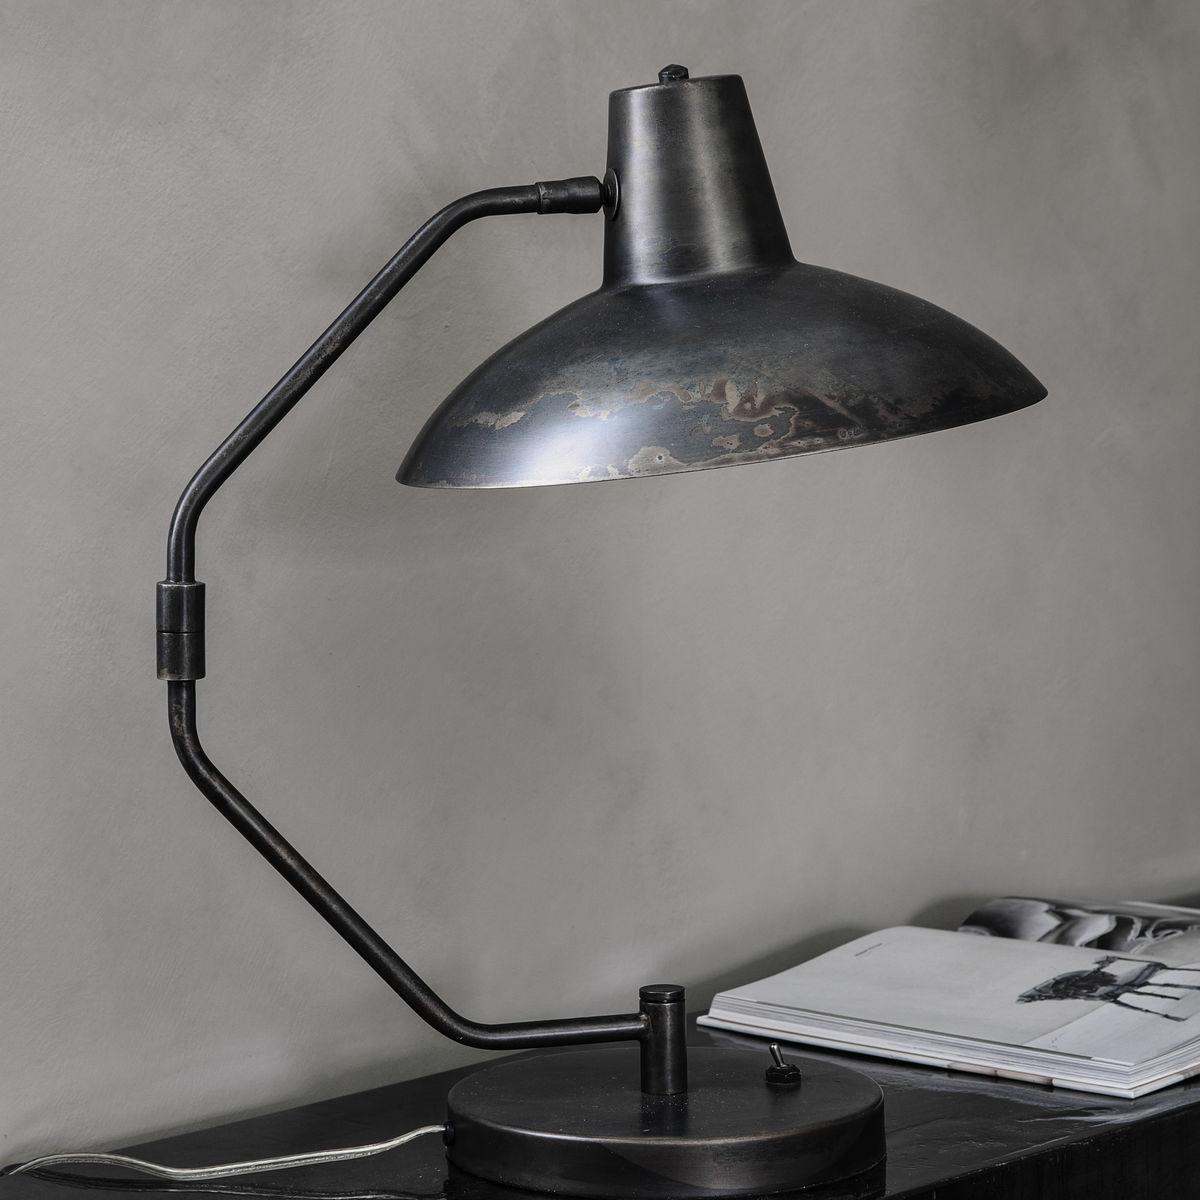 Tischlampe Schreibtisch | Antik-Braun